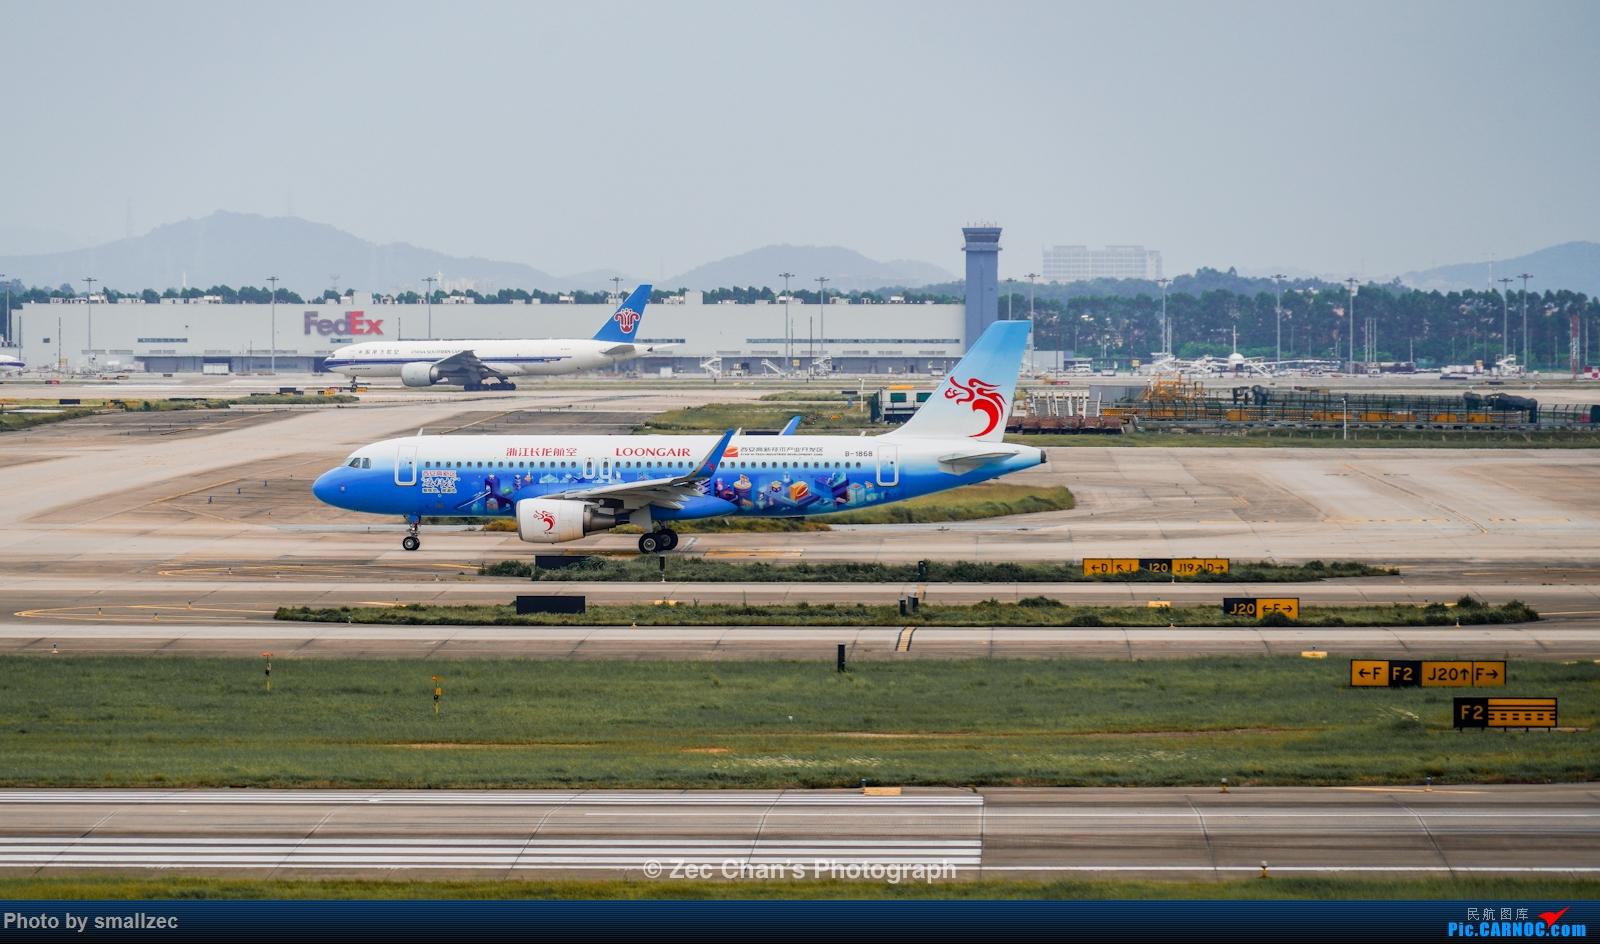 Re:[原创]【CAN】久违了,2020首次西跑拍机集锦 AIRBUS A320-200 B-1868 中国广州白云国际机场